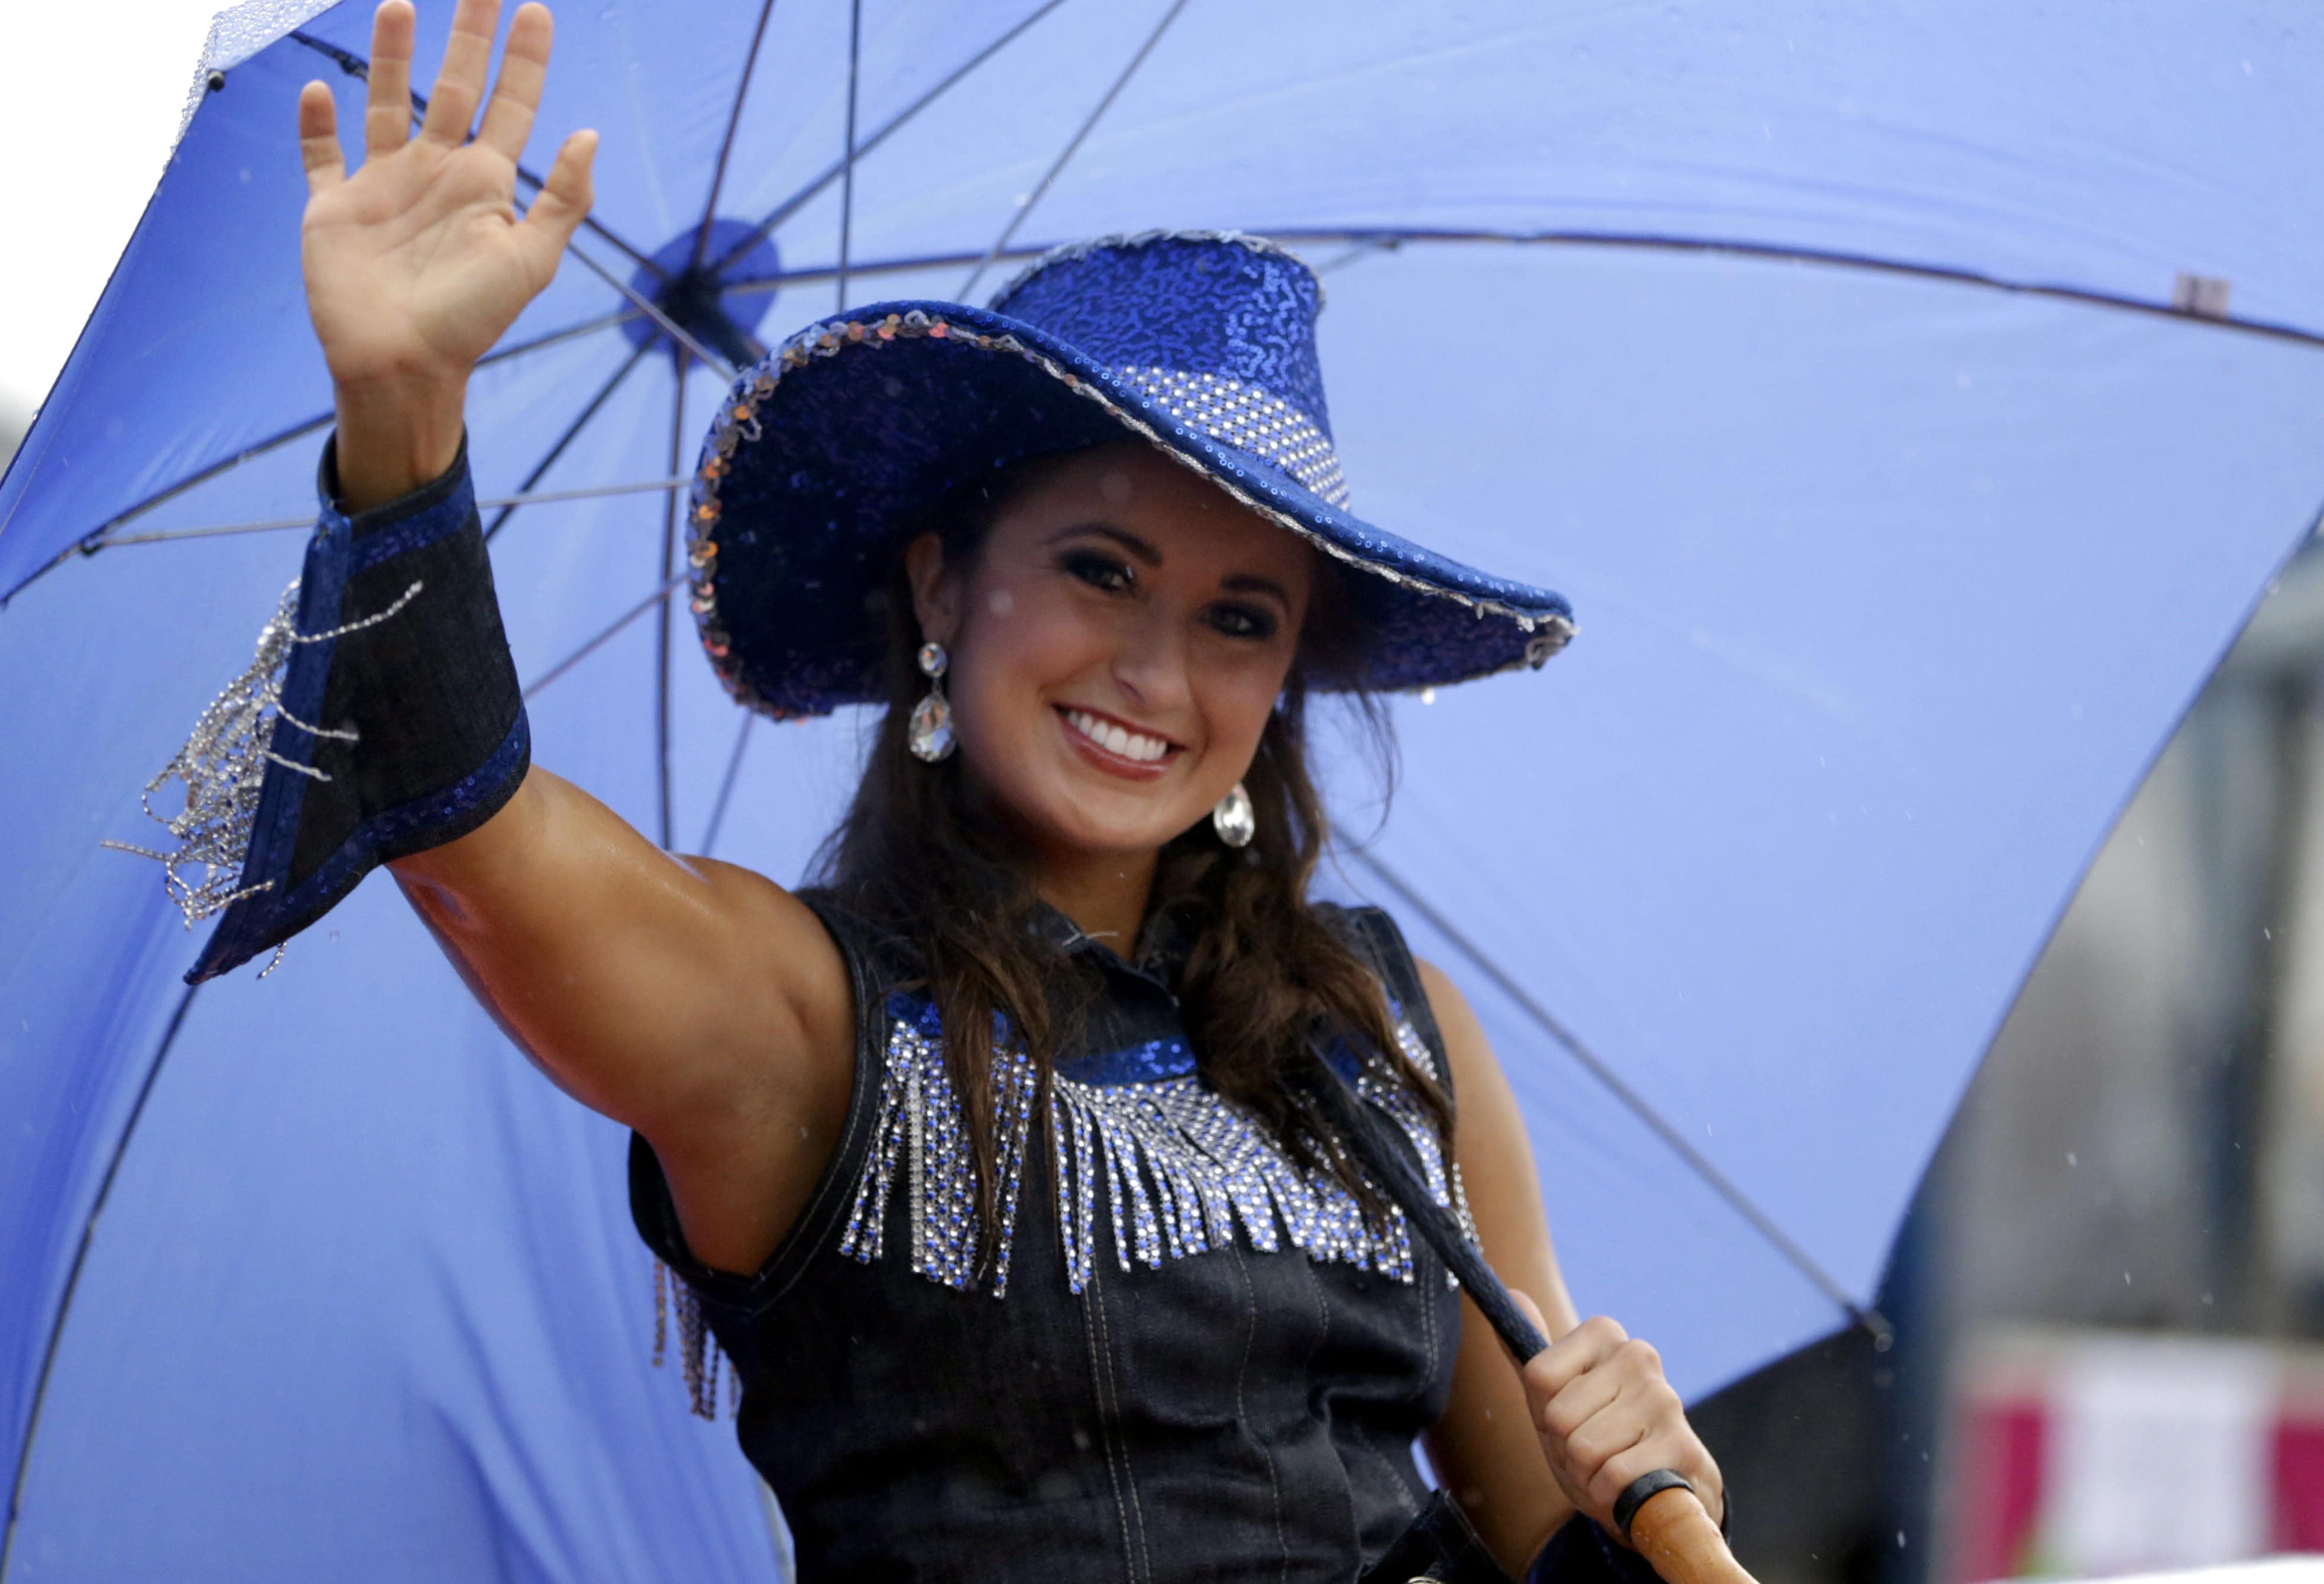 Former Miss Kentucky sentenced to prison for sending